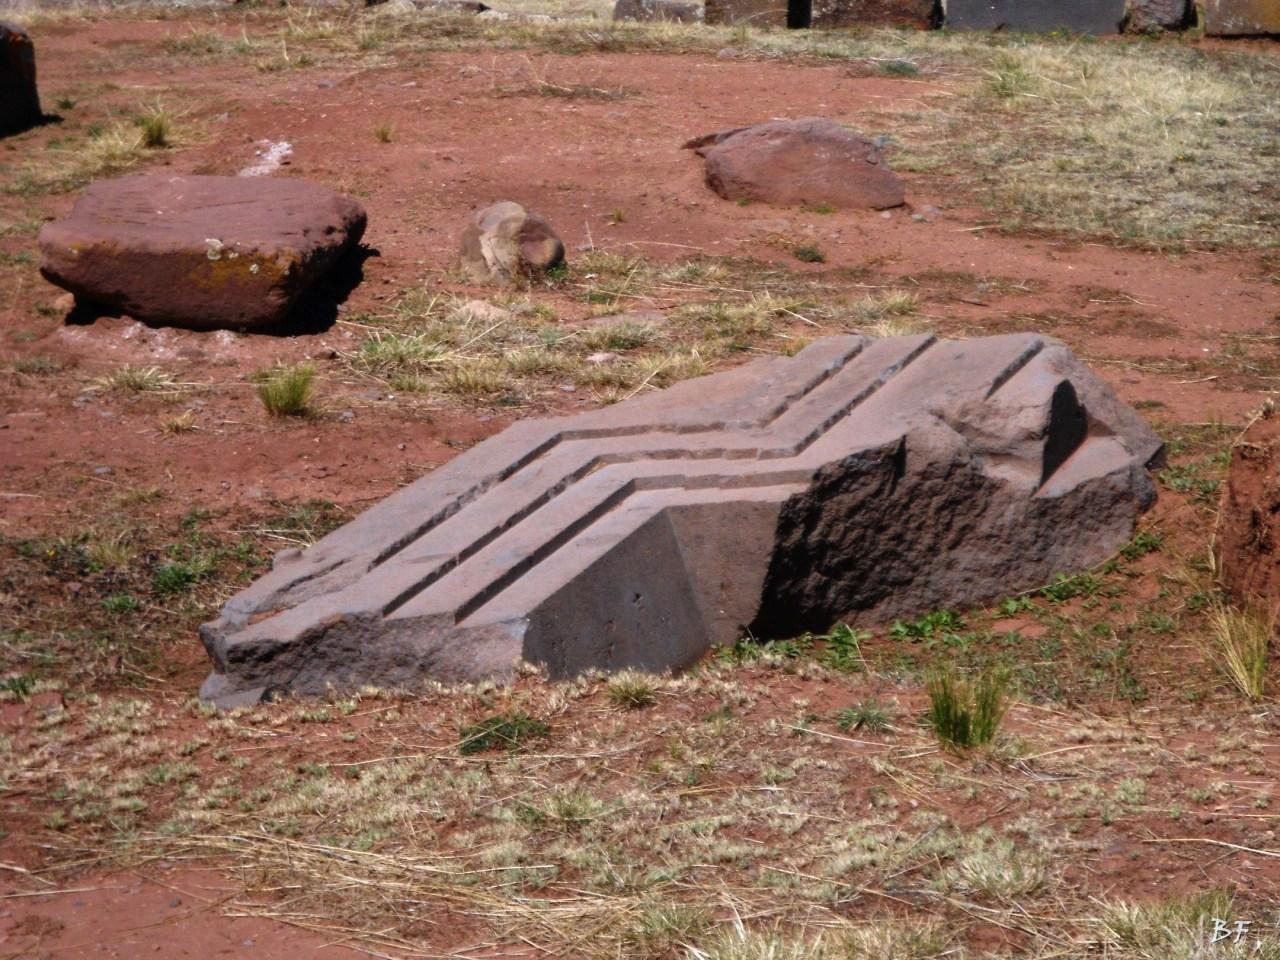 Puma-Punku-Area-Megalitica-Mura-Poligonali-Megaliti-Tiwanaku-Tiahuanaco-Bolivia-32